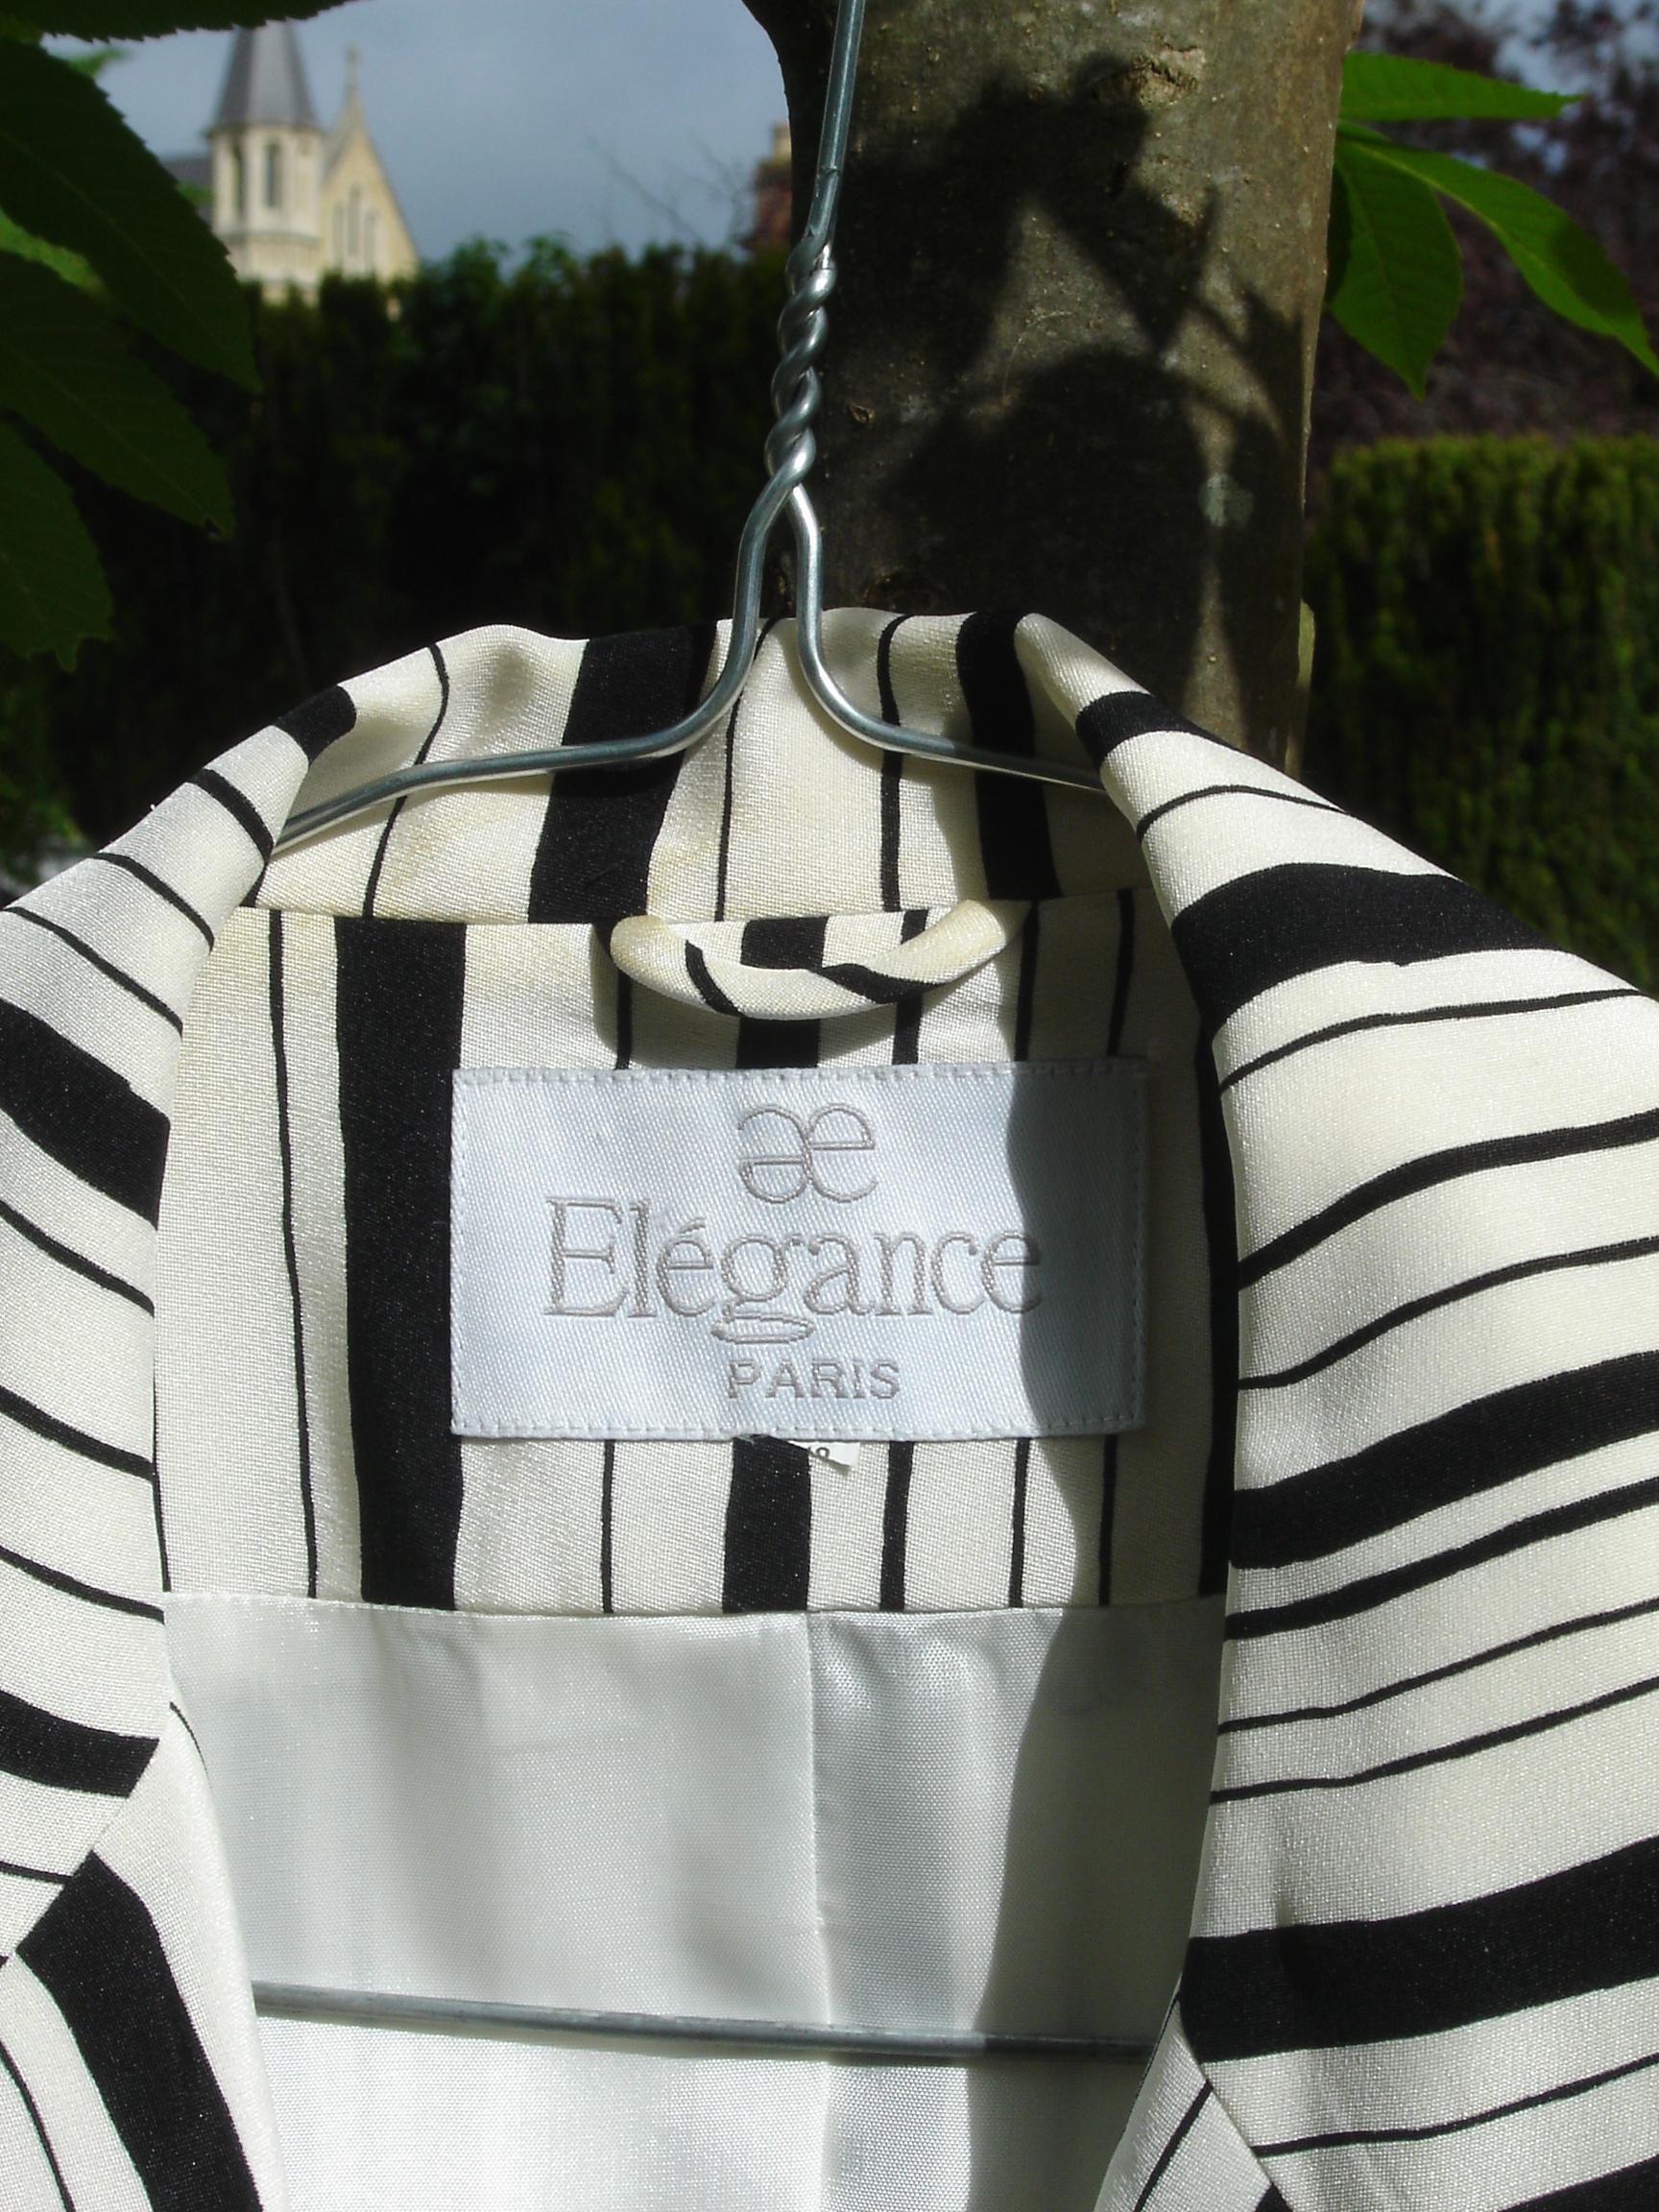 Elegance printed jacket